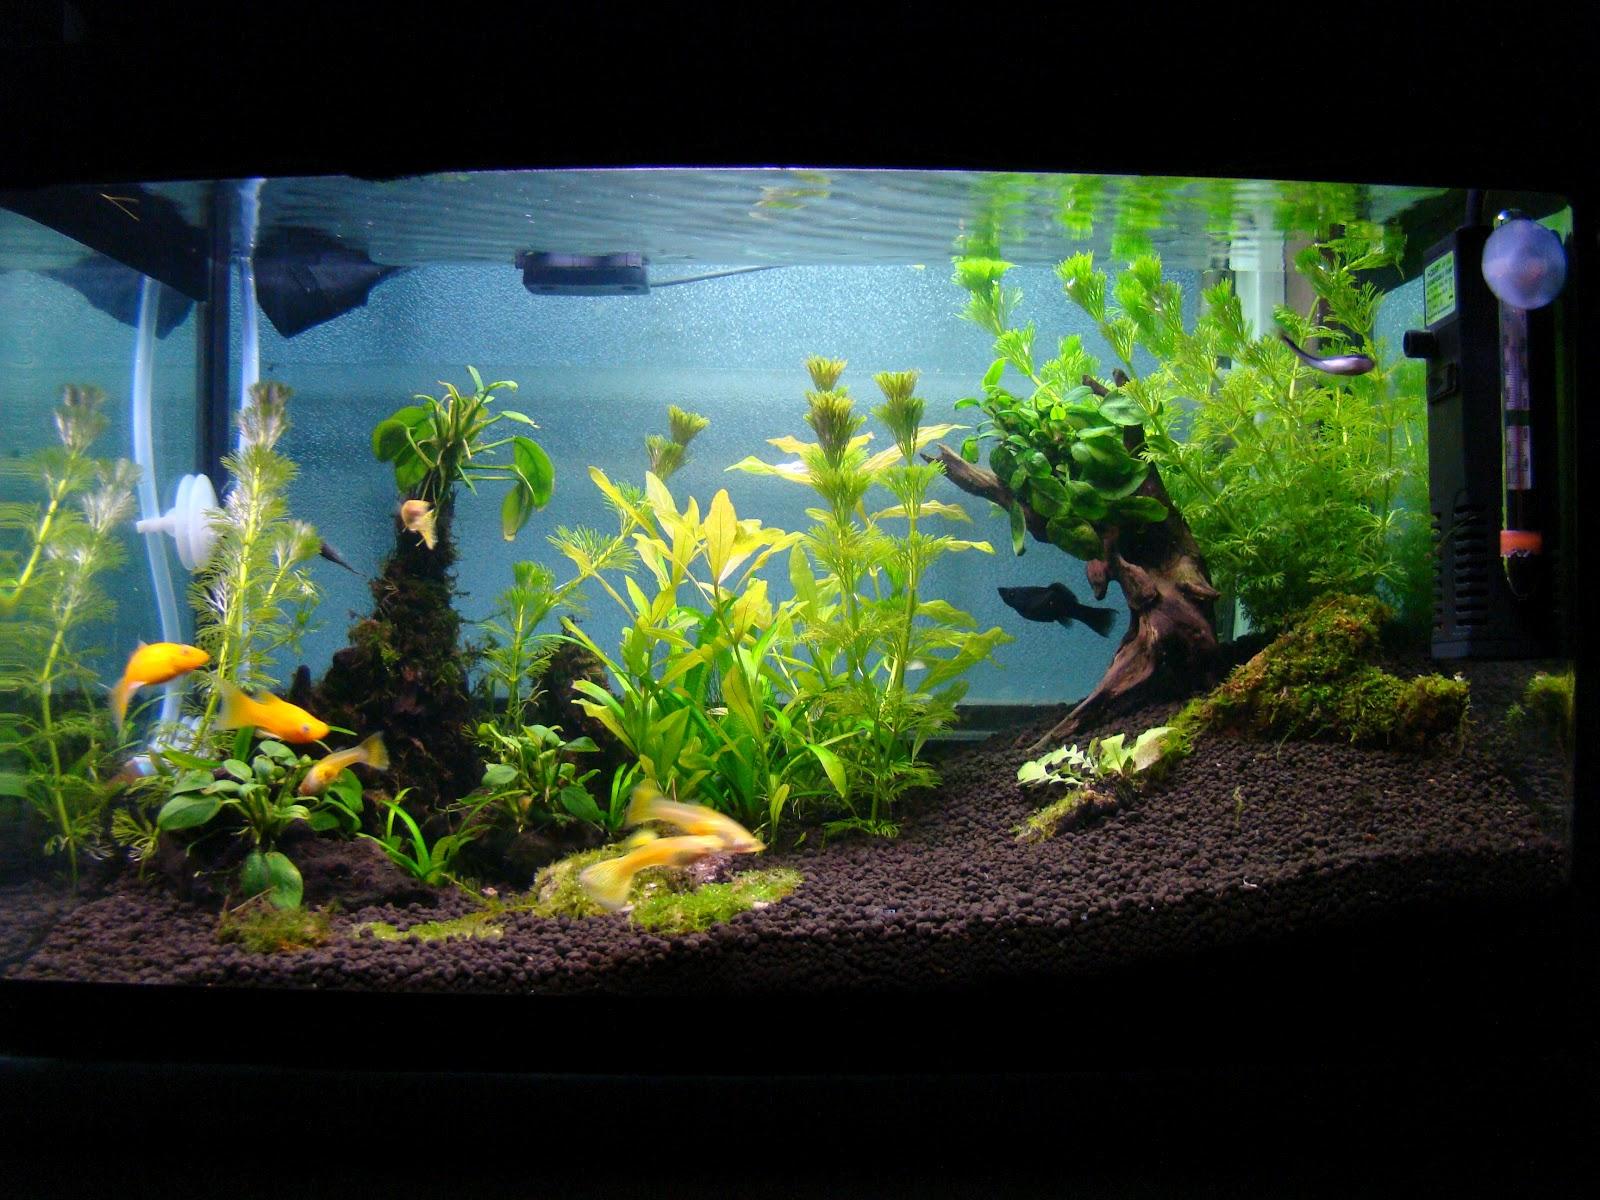 AquaBie: Aquascape - Planted Tank (Golden Shine)